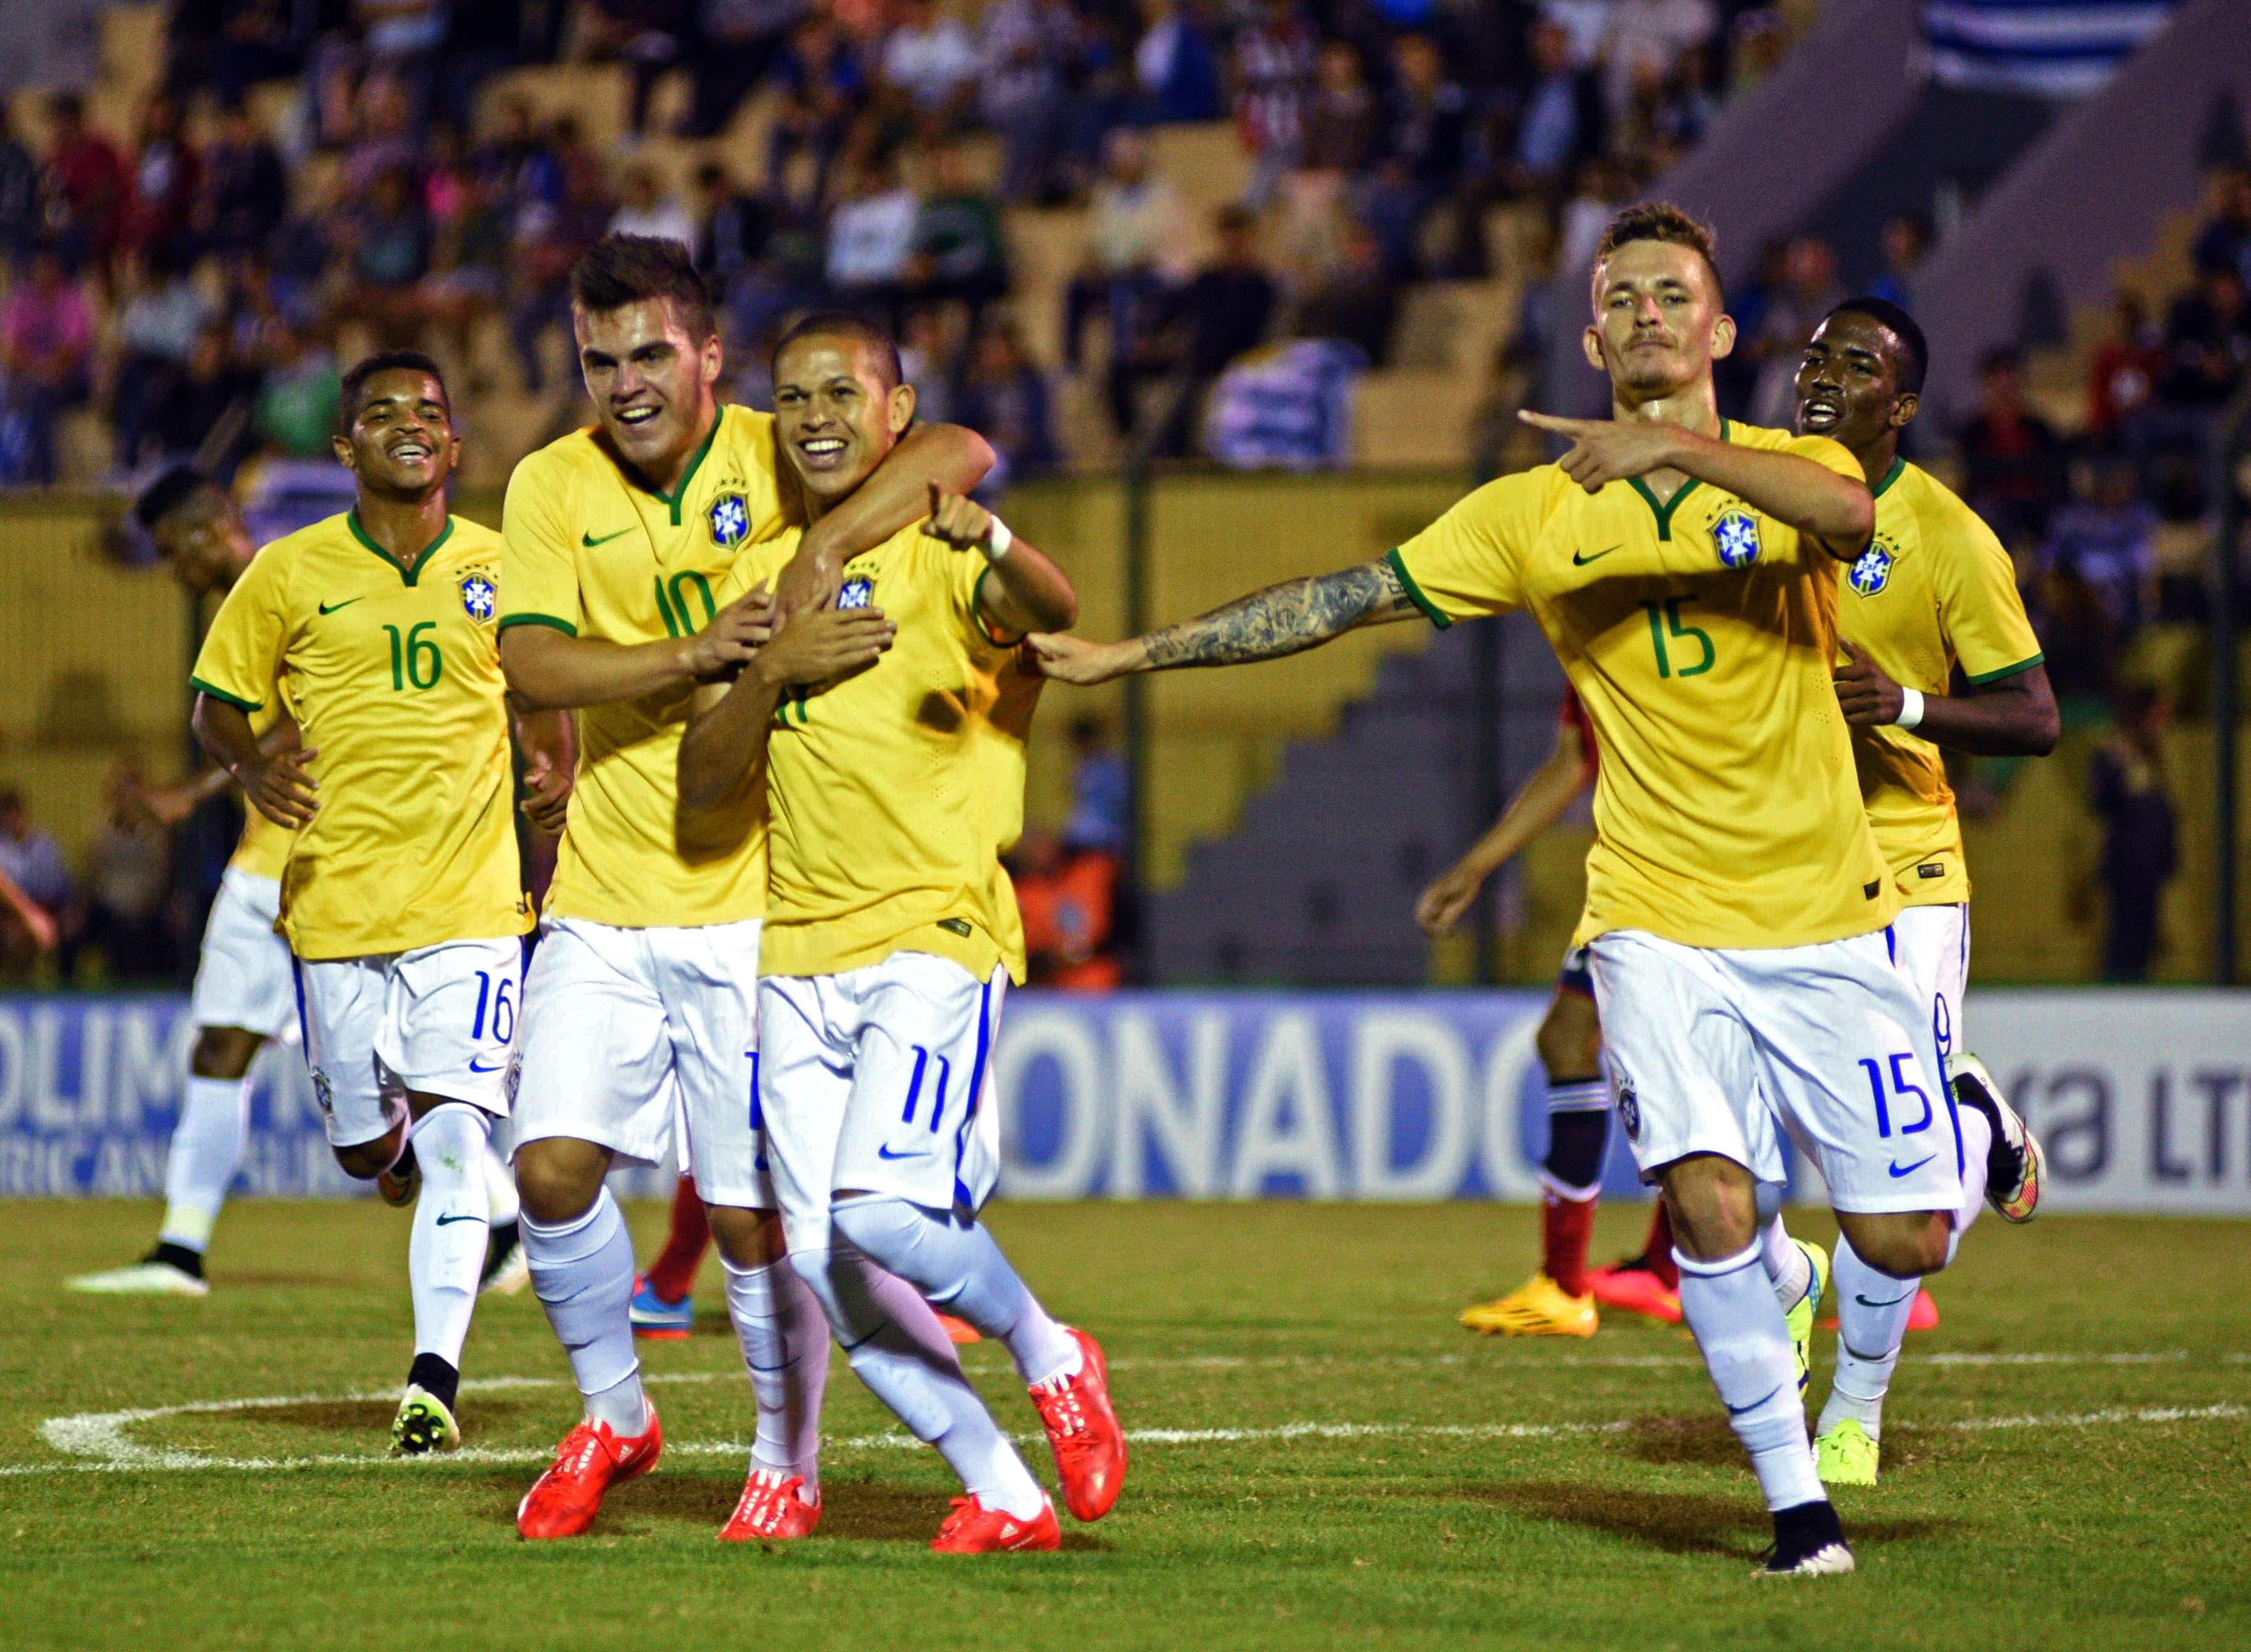 Thalles y Marcos Guilherme fueron los anotadores brasileños. Foto: EFE